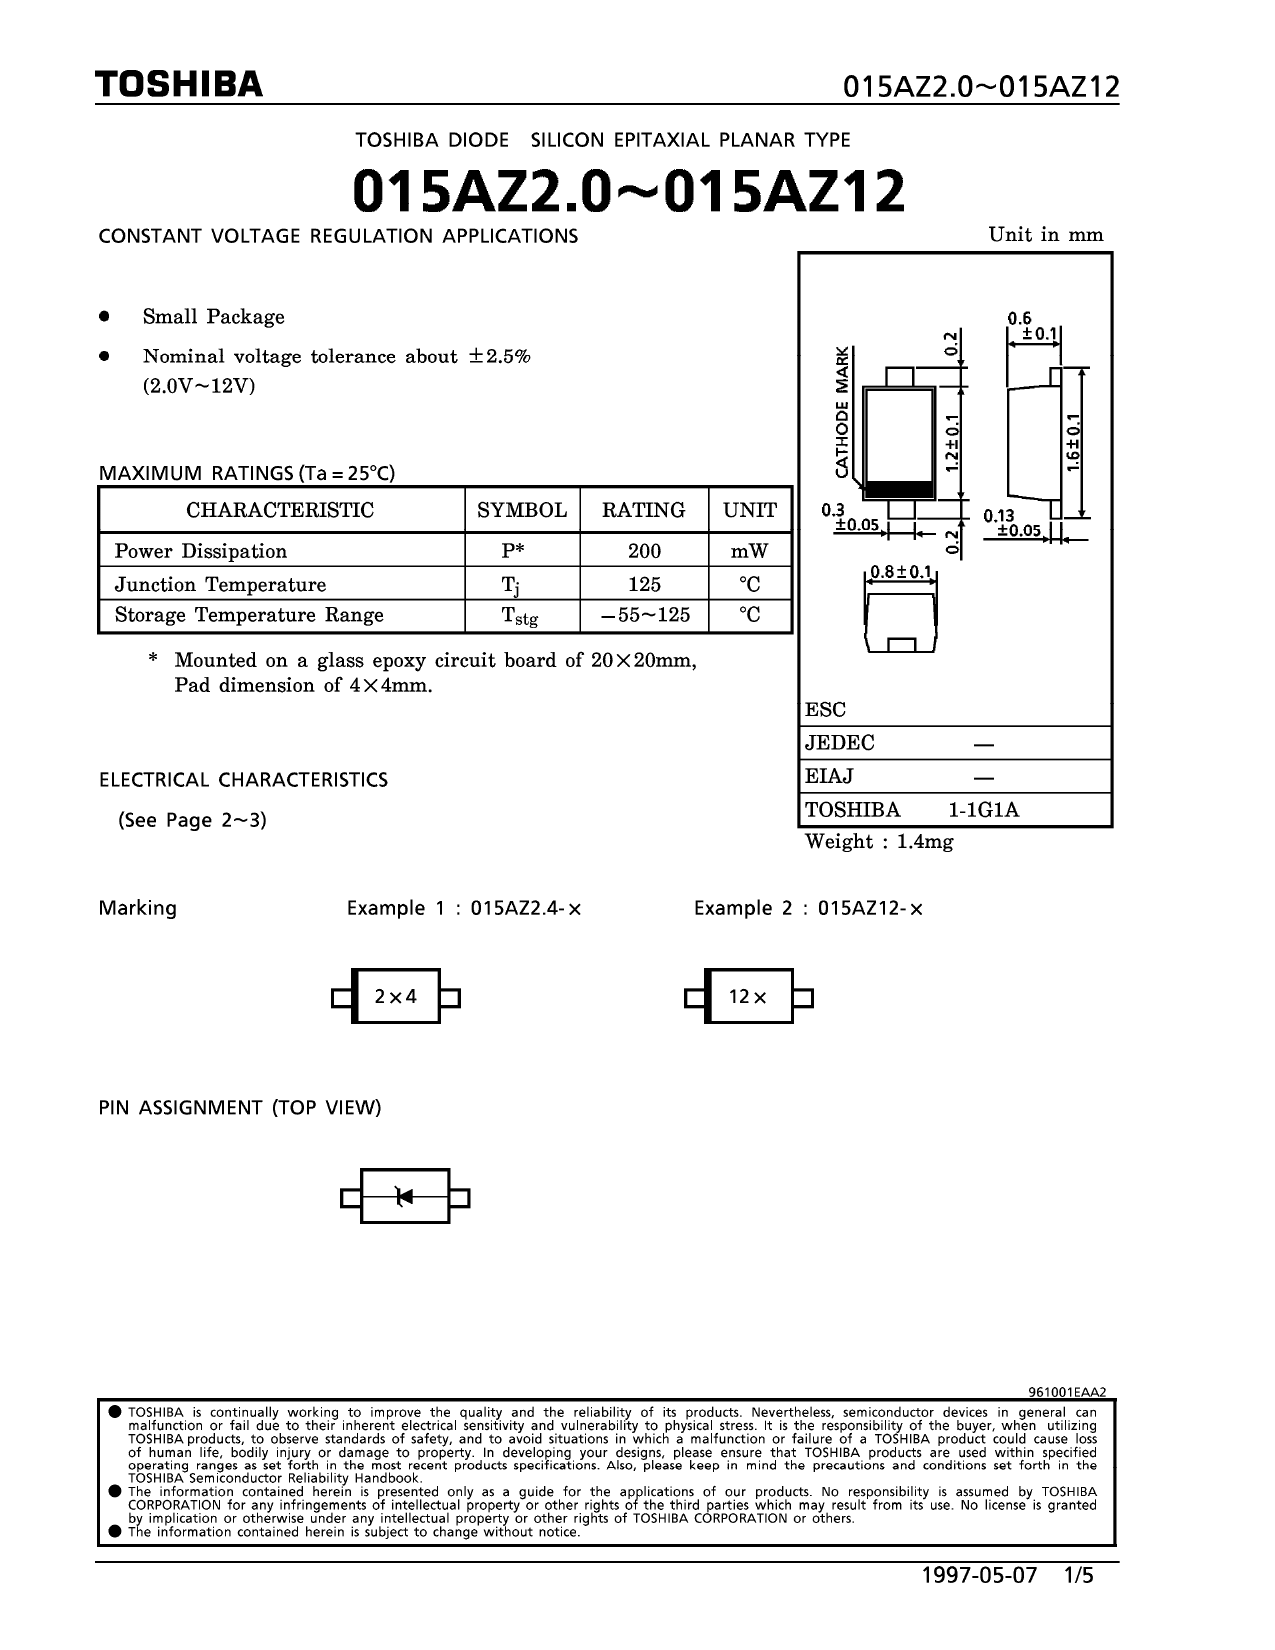 015A6.8 datasheet